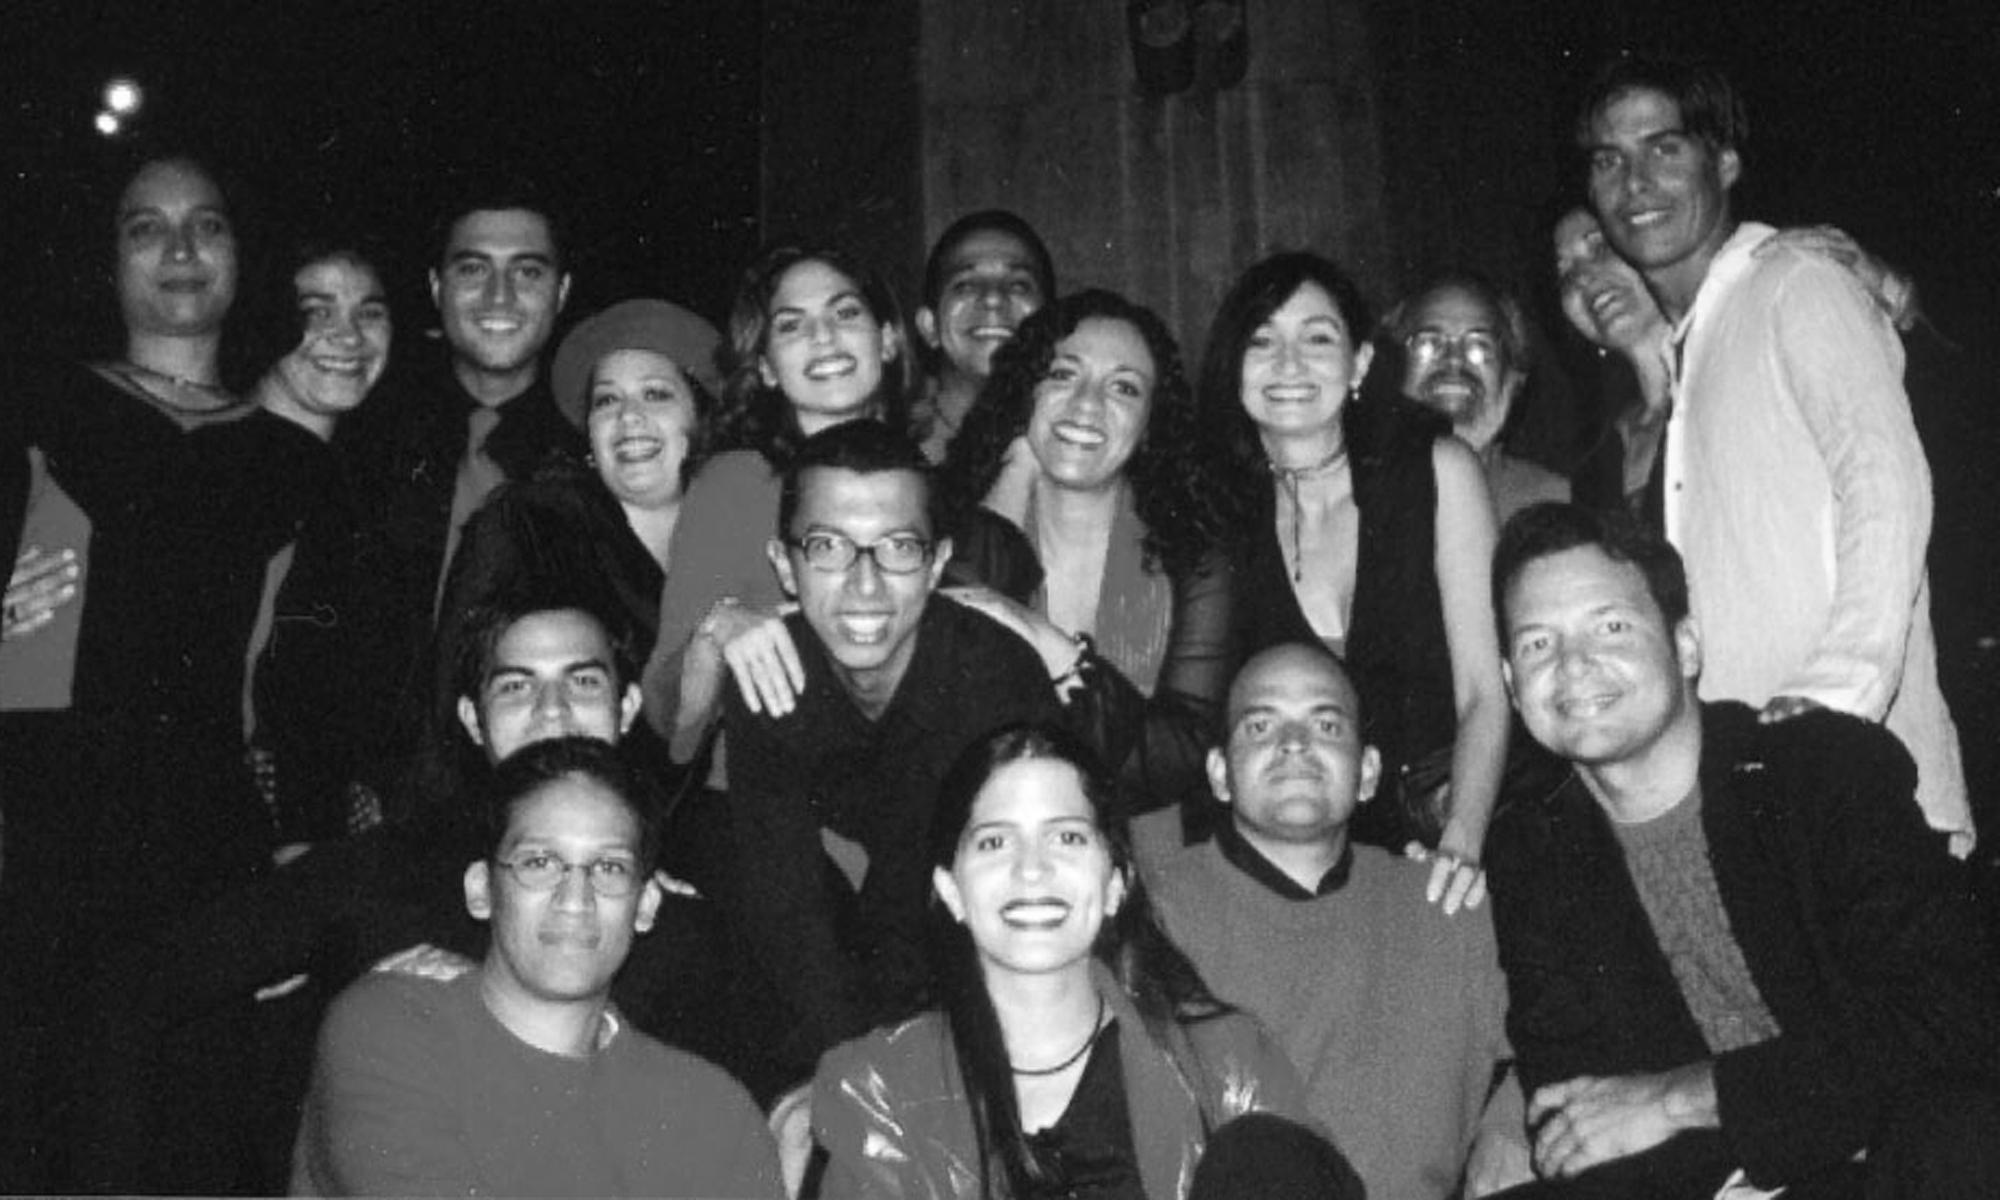 Dialecto Urbano, vocal ensemble